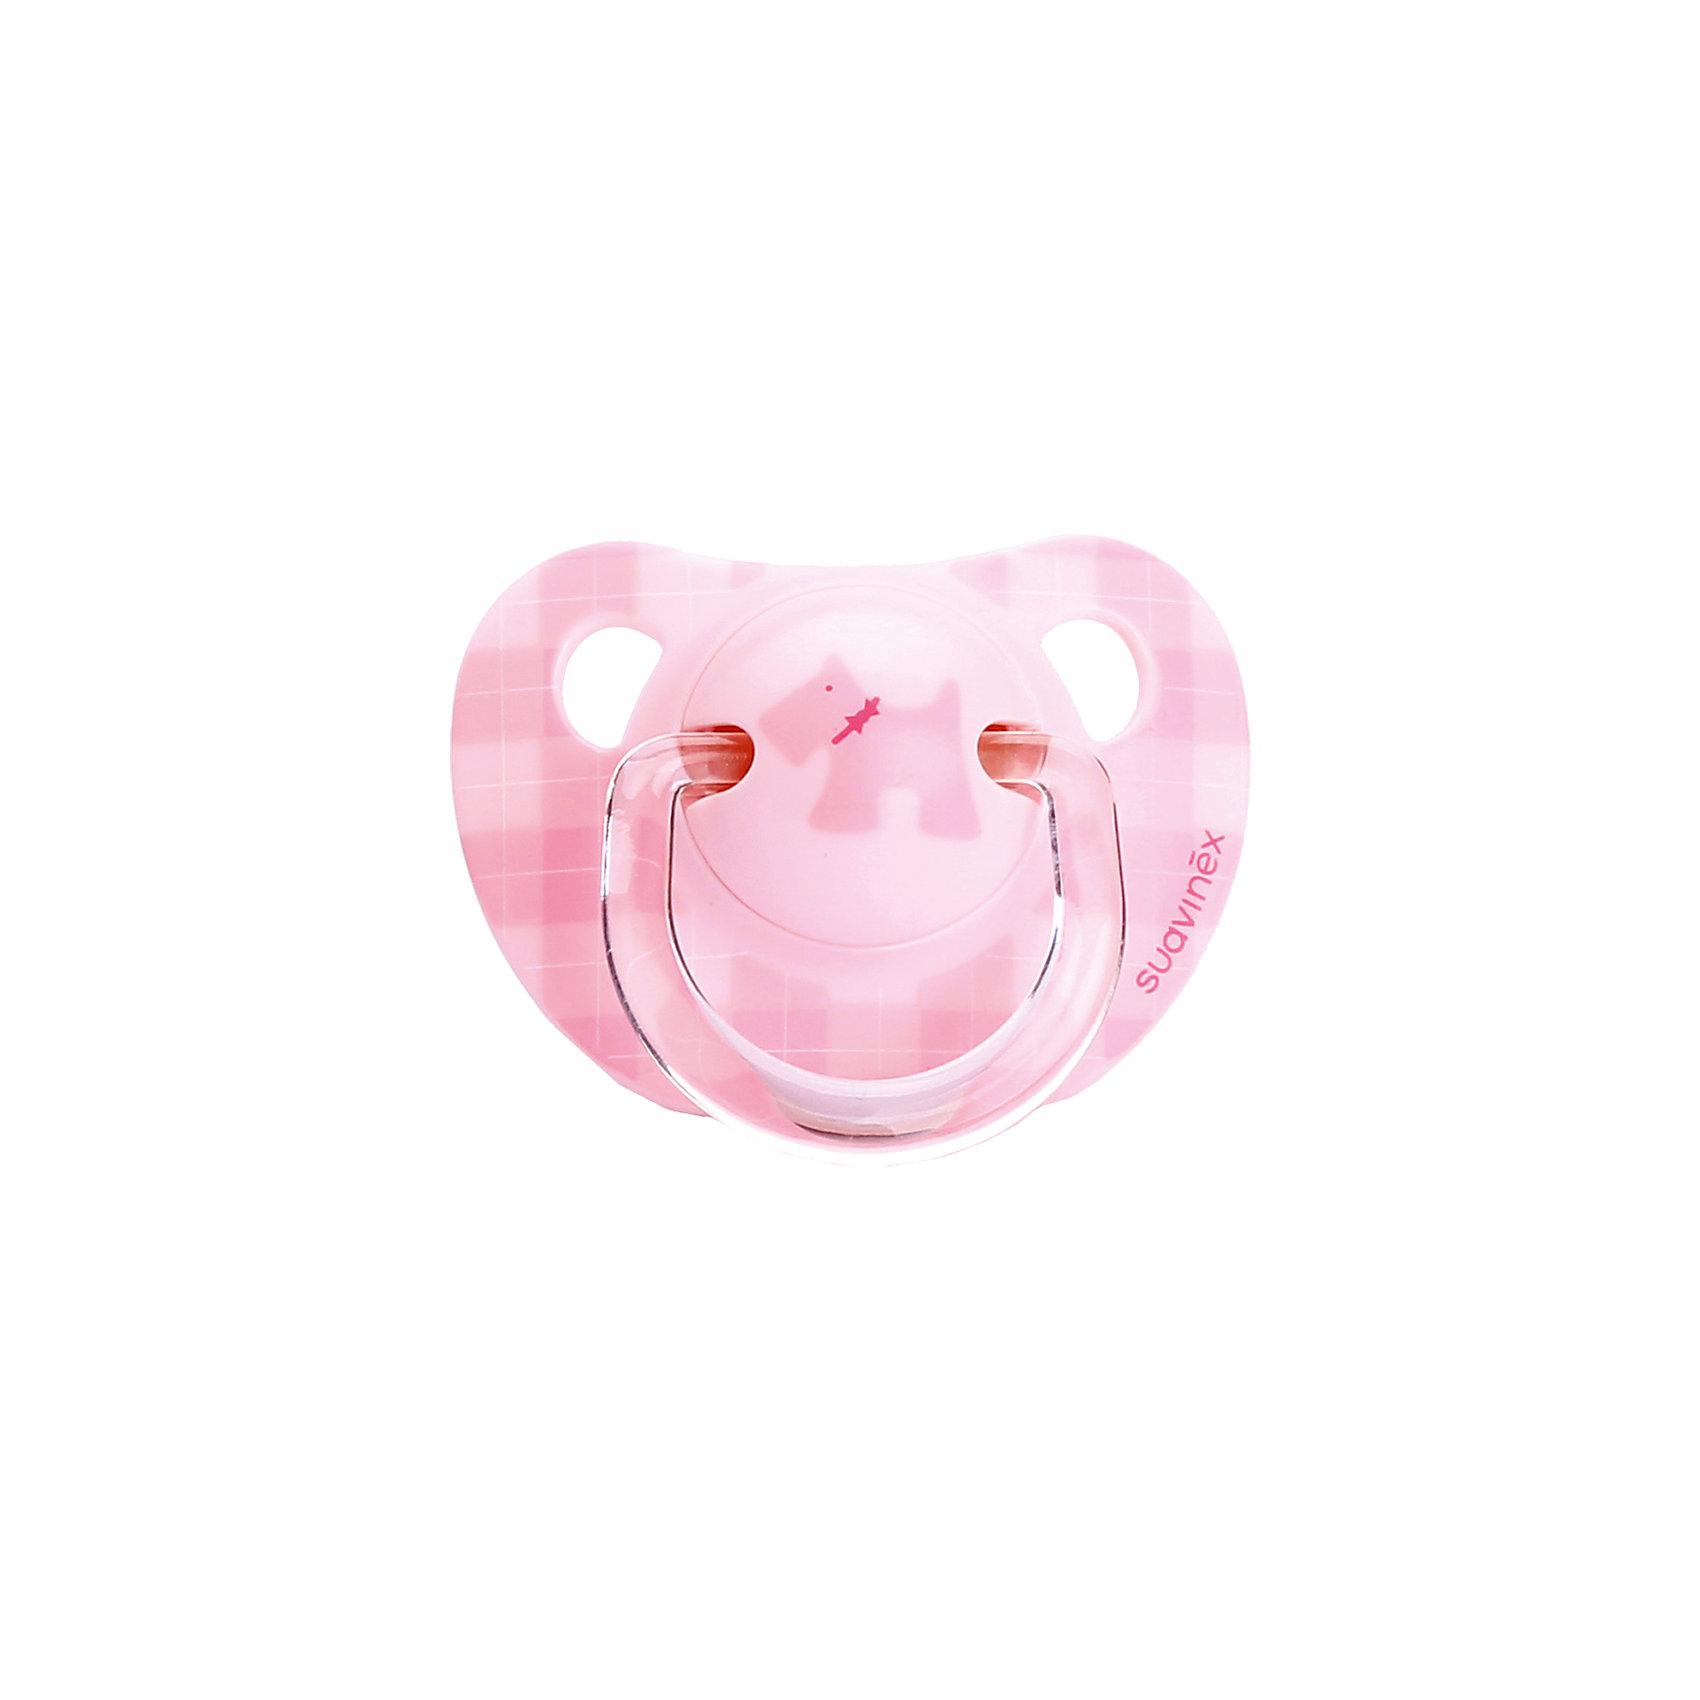 Пустышка силиконовая SCOTTISH, 0-6 мес., Suavinex, розовыйПустышки<br>Характеристики:<br><br>• Наименование: пустышка<br>• Рекомендуемый возраст: от 0 до 6 месяцев<br>• Пол: для девочки<br>• Материал: силикон, пластик<br>• Цвет: оттенки розового<br>• Рисунок: собака<br>• Форма: анатомическая<br>• Наличие вентиляционных отверстий <br>• Кольцо для держателя<br>• Вес: 30 г<br>• Параметры (Д*Ш*В): 5,4*6,5*10,9 см <br>• Особенности ухода: можно мыть в теплой воде, регулярная стерилизация <br><br>Пустышка SCOTTISH от 0 до 6 мес., Suavinex, розовый/розовая собачка изготовлена испанским торговым брендом, специализирующимся на выпуске товаров для кормления и аксессуаров новорожденным и младенцам. Продукция от Suavinex разработана с учетом рекомендаций педиатров и стоматологов, что гарантирует качество и безопасность использованных материалов. <br><br>Пластик, из которого изготовлено изделие, устойчив к появлению царапин и сколов, благодаря чему пустышка длительное время сохраняет свои гигиенические свойства. Форма у соски способствует равномерному распределению давления на небо, что обеспечивает правильное формирование речевого аппарата. <br><br>Пустышка имеет классическую форму, для прикрепления держателя предусмотрено кольцо. Изделие выполнено в брендовом дизайне, с изображением собачки. Рисунок с эффектом позолоты нанесен по инновационной технологии, которая обеспечивает стойкость рисунка даже при длительном использовании и частой стерилизации.<br><br>Пустышку SCOTTISH от 0 до 6 мес., Suavinex, розовый/розовая собачка можно купить в нашем интернет-магазине.<br><br>Ширина мм: 54<br>Глубина мм: 65<br>Высота мм: 109<br>Вес г: 30<br>Возраст от месяцев: 0<br>Возраст до месяцев: 6<br>Пол: Женский<br>Возраст: Детский<br>SKU: 5451302